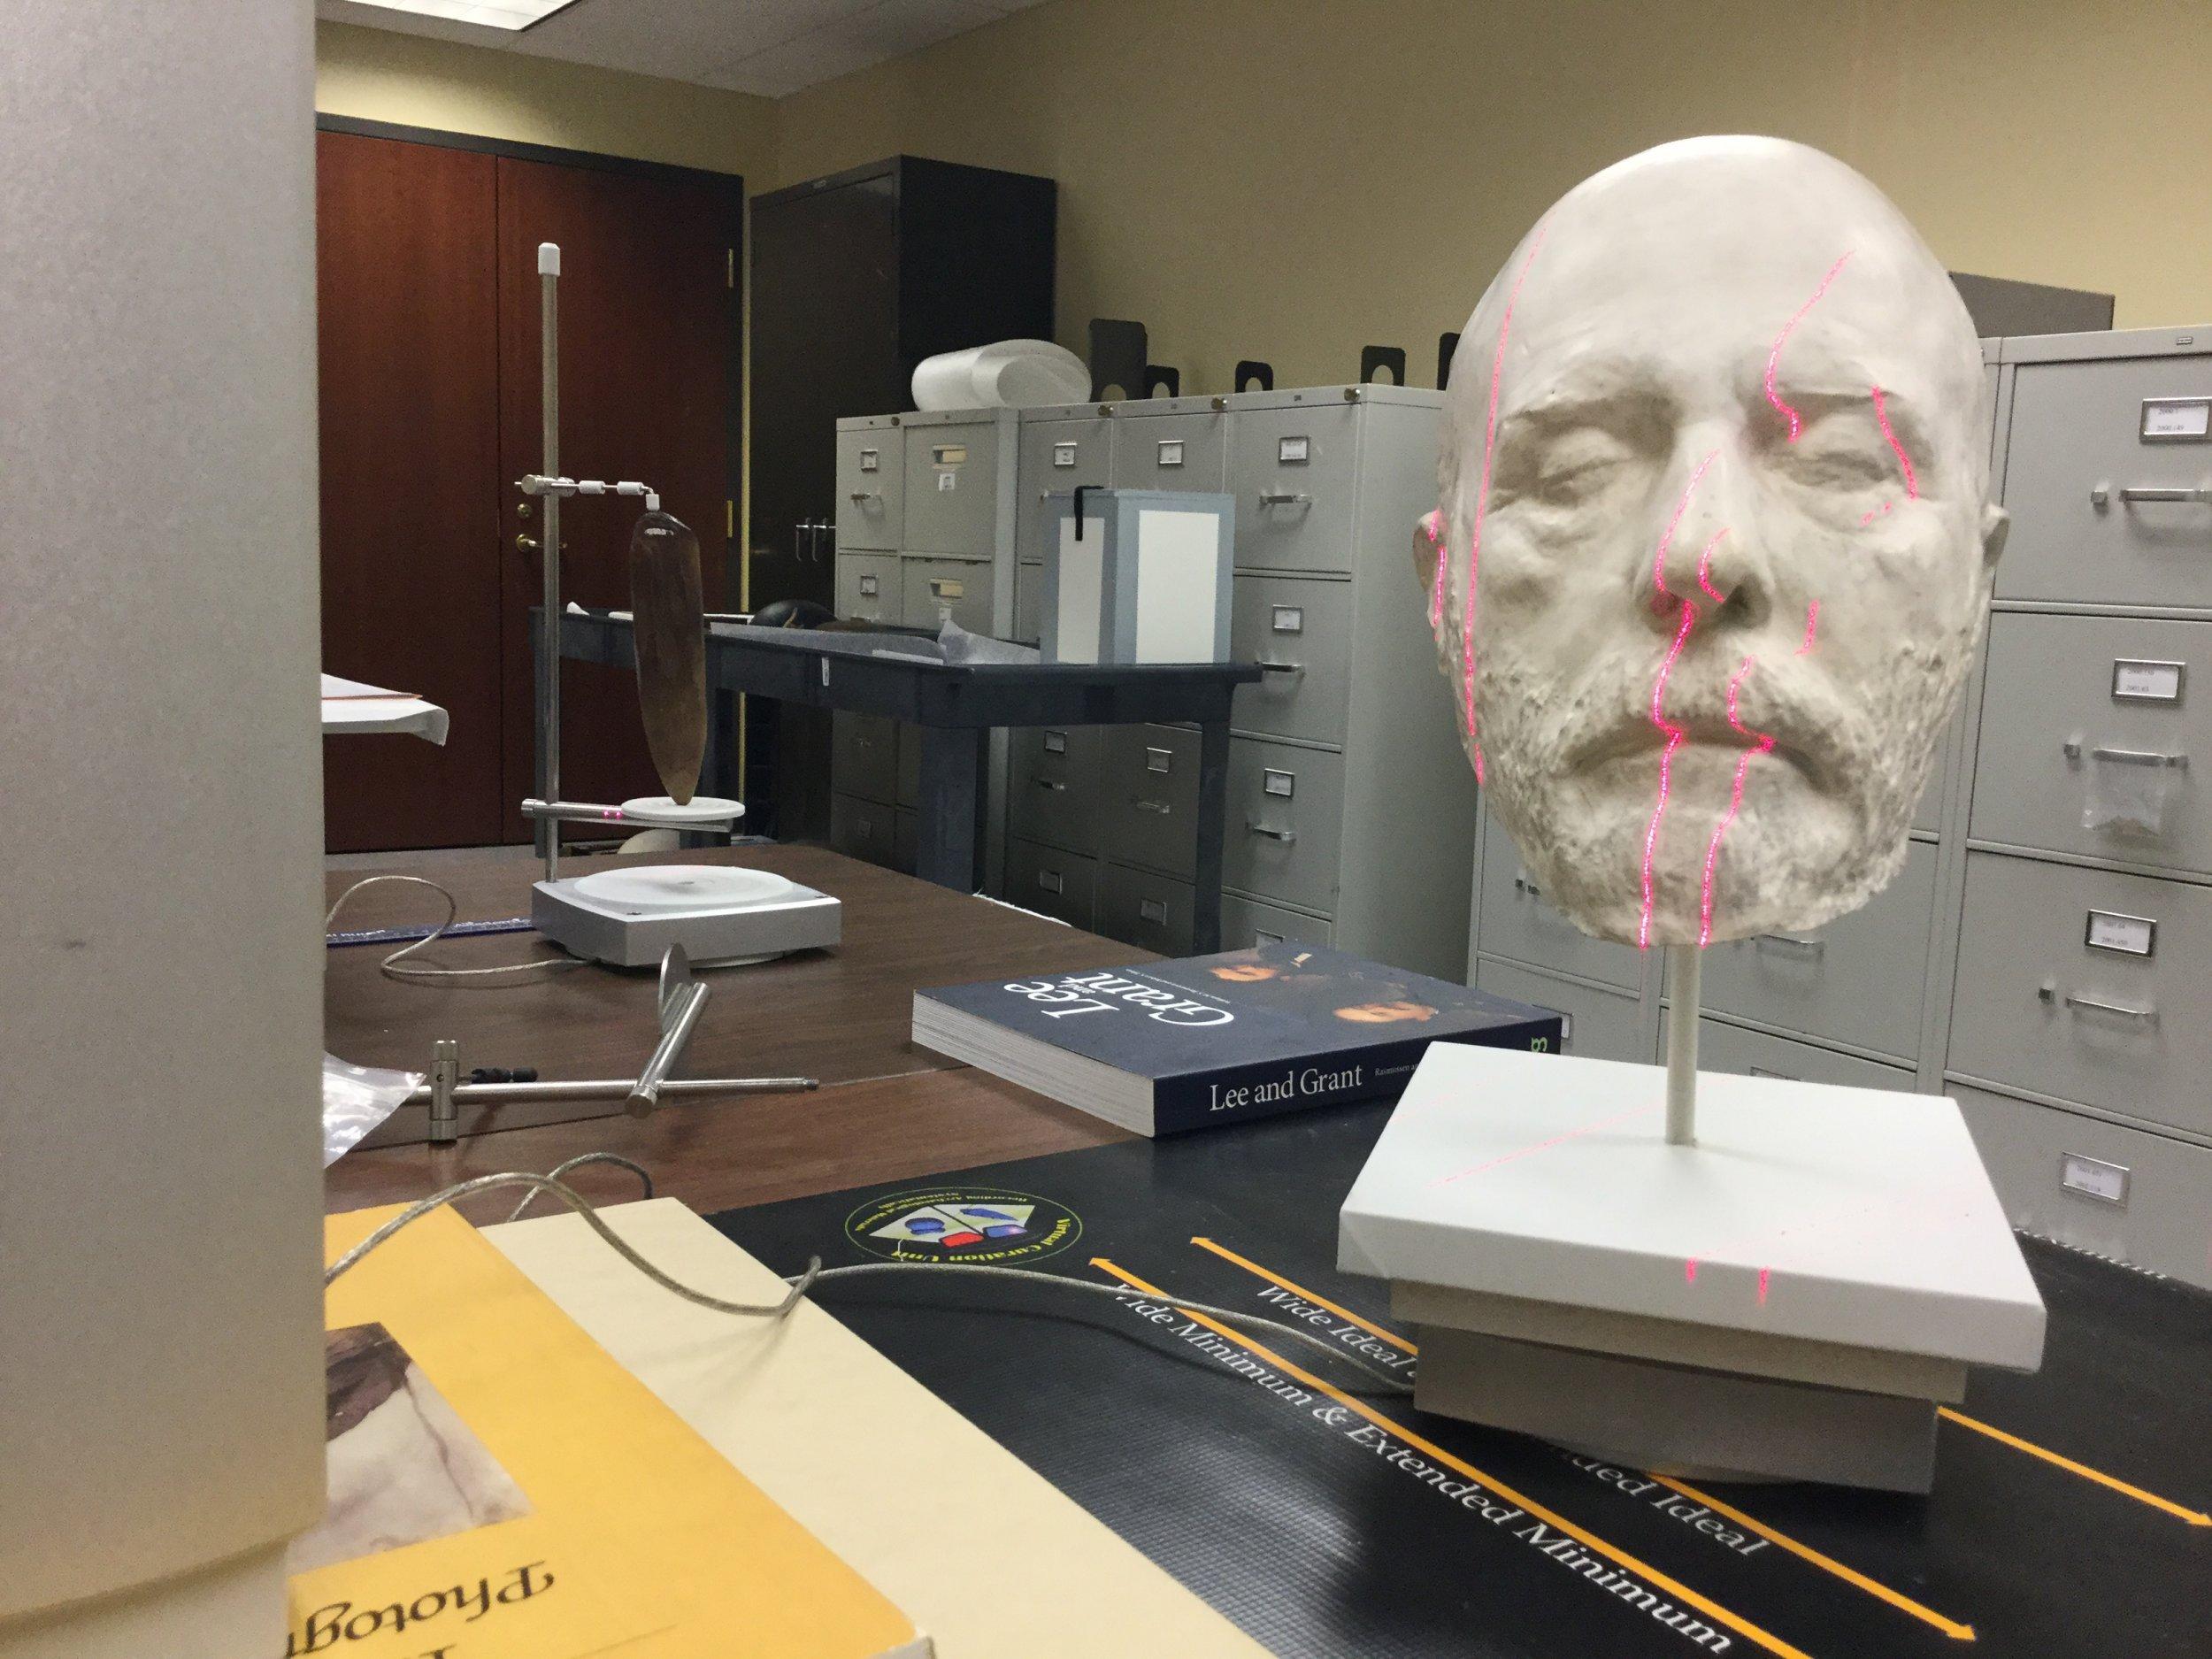 3D_scanning_Robert_E_Lee_Lifemask